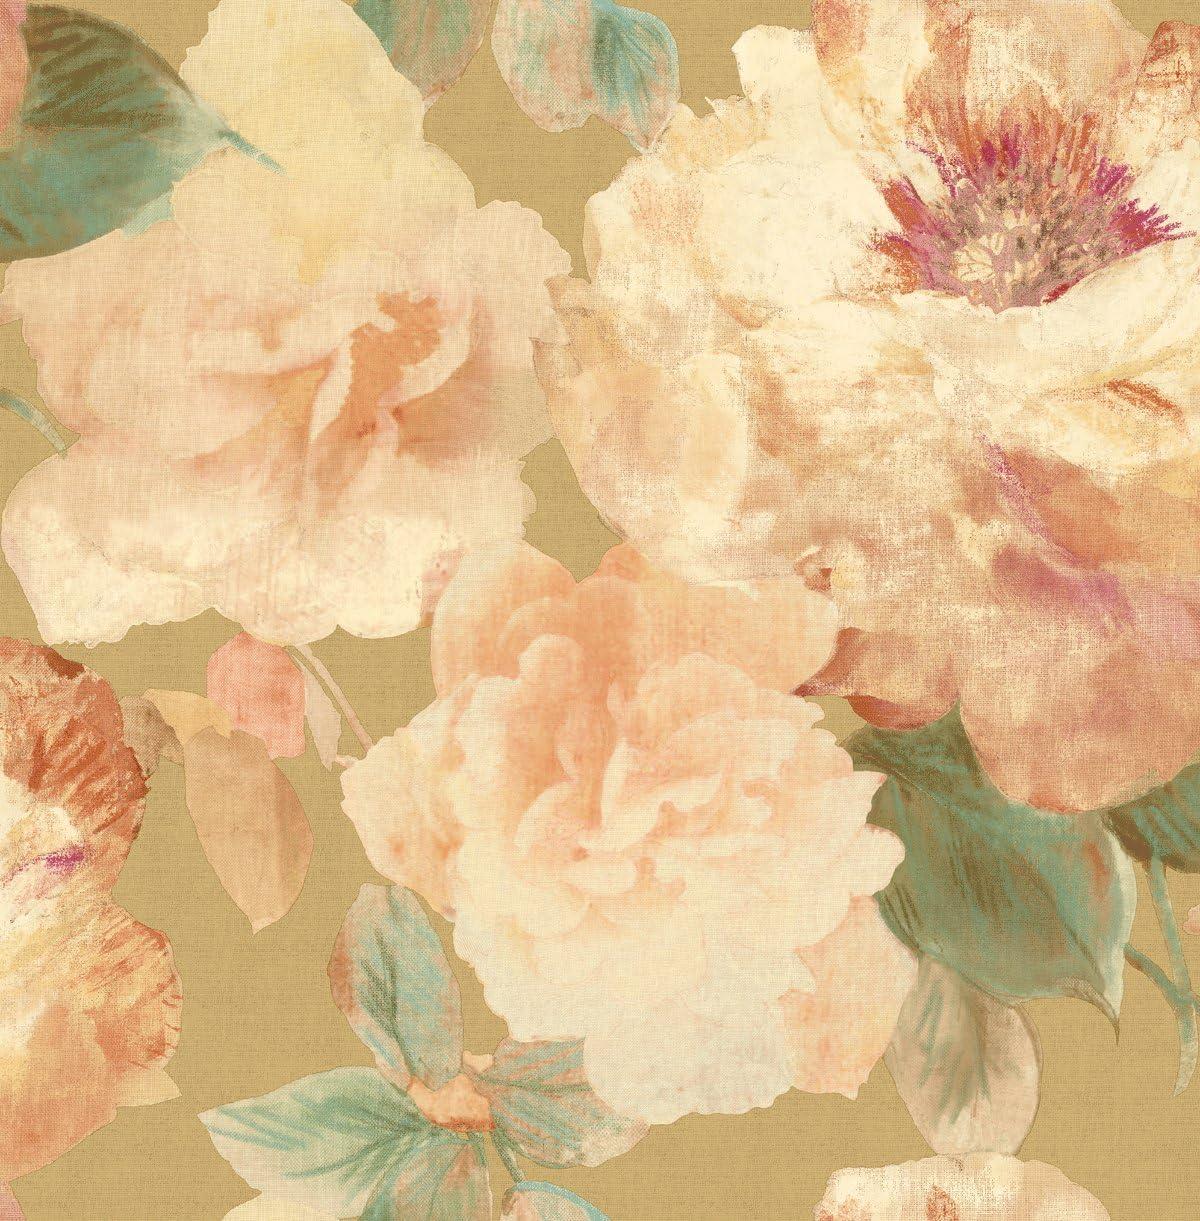 Wallpaper Floral Vintage Floral Wallpaper Pink Floral Wallpaper